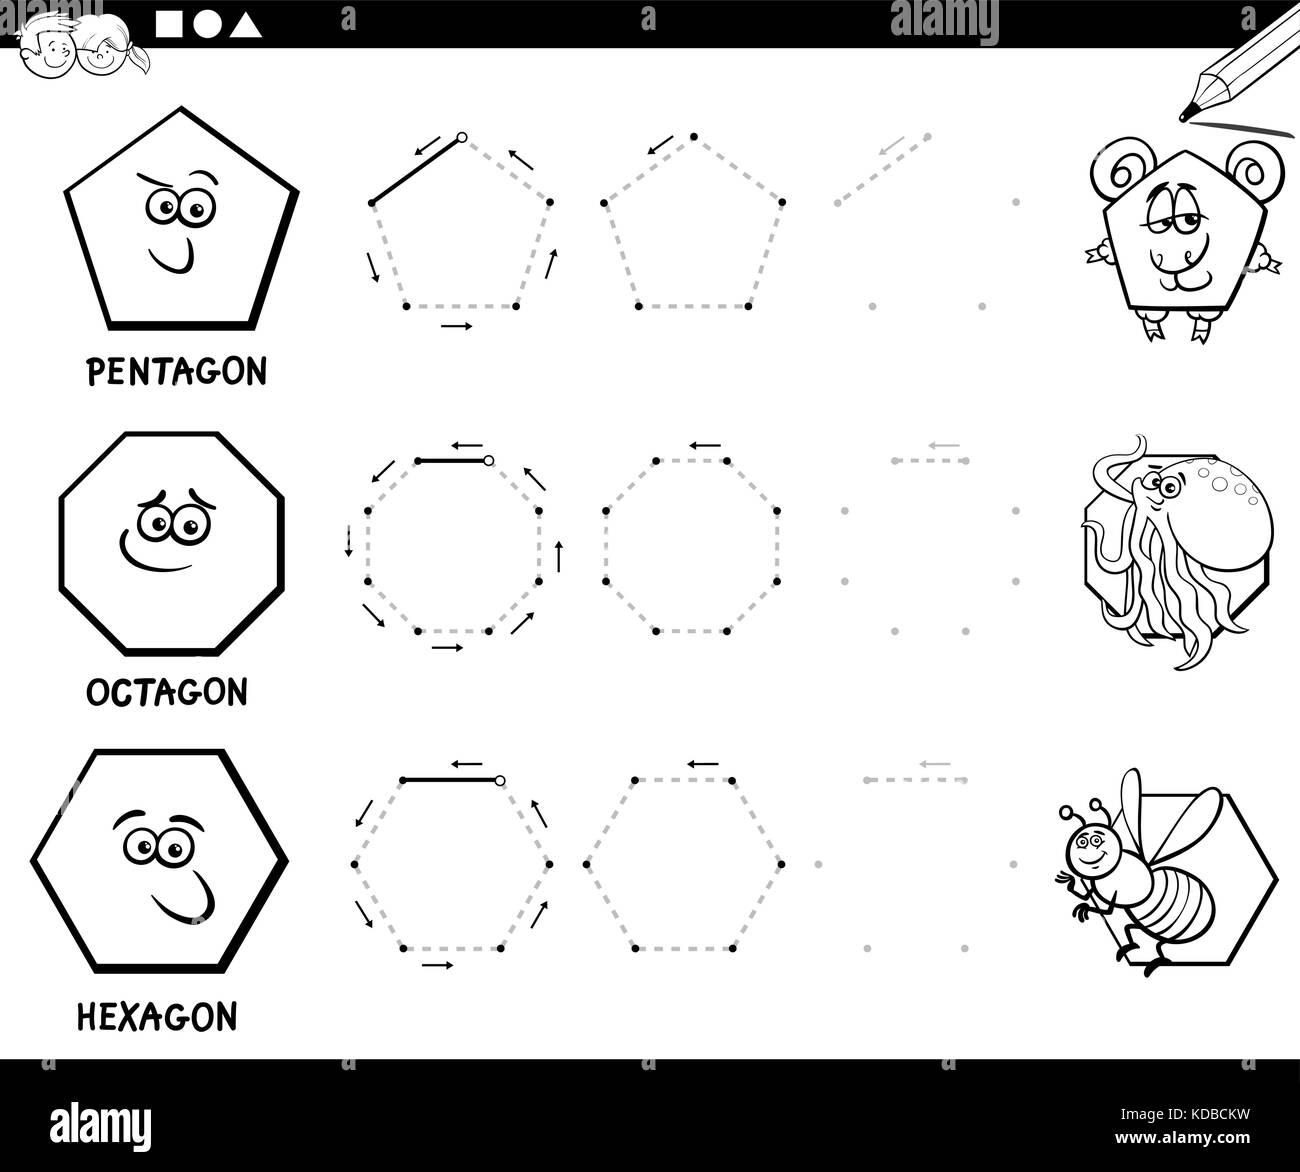 Blanco Y Negro Ilustracion Dibujos Animados Educativos De Forma